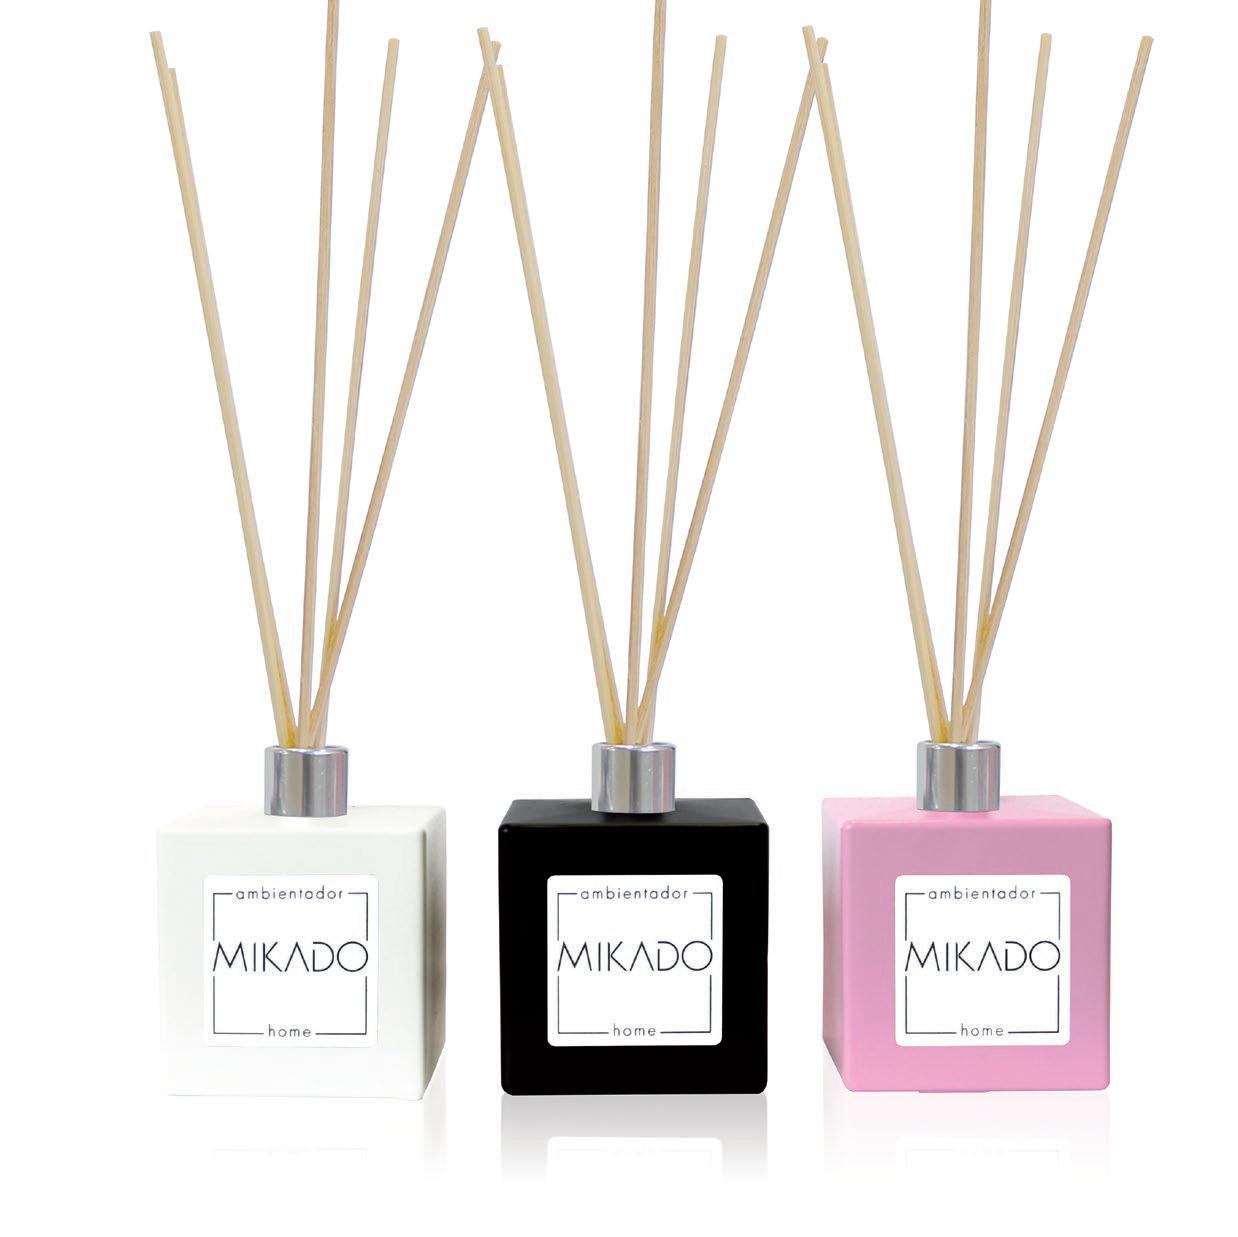 Mikado ambientador completo 100 ml con frasco cerámico blanco, negro o rosa de 100 ml y 5 varillas fragancia Naranja Canela